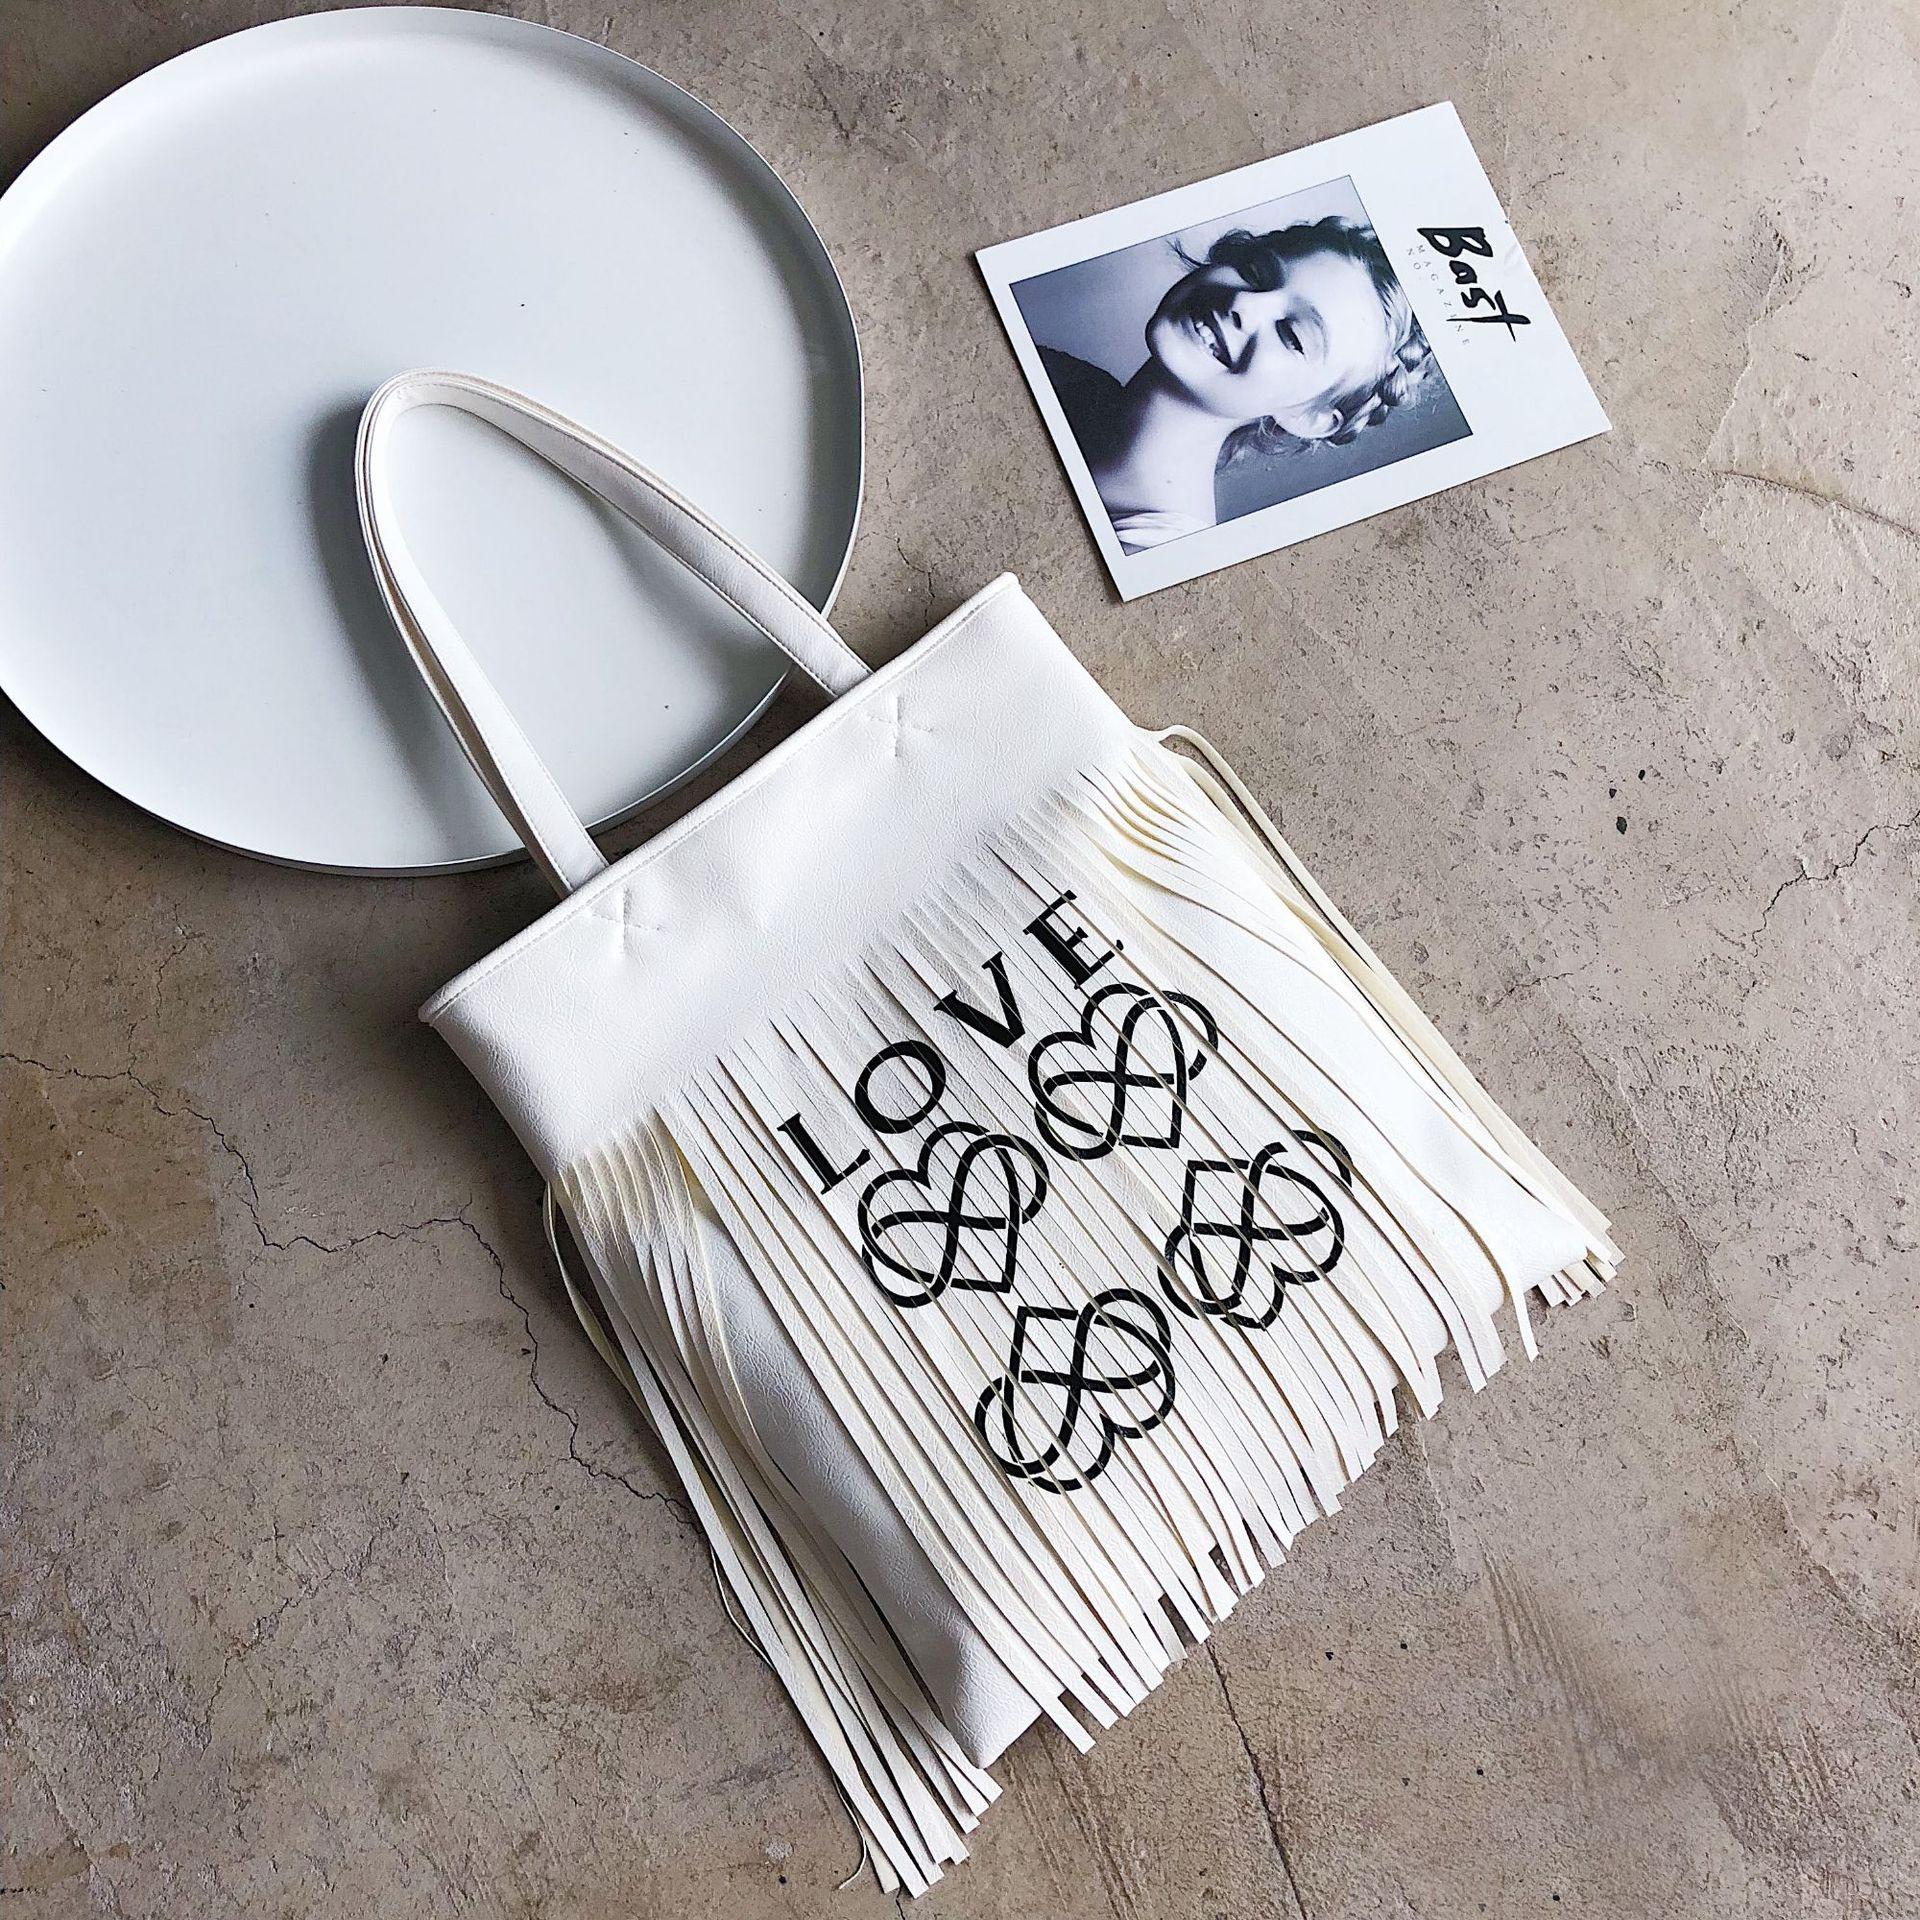 Nuovo Del Della white Bag Grande Sacchetto Di Modo Capienza Spalla Tote Fiammifero Tutto Nappa Il Borsa Black Lettera Femminile silver F1tnxxPq